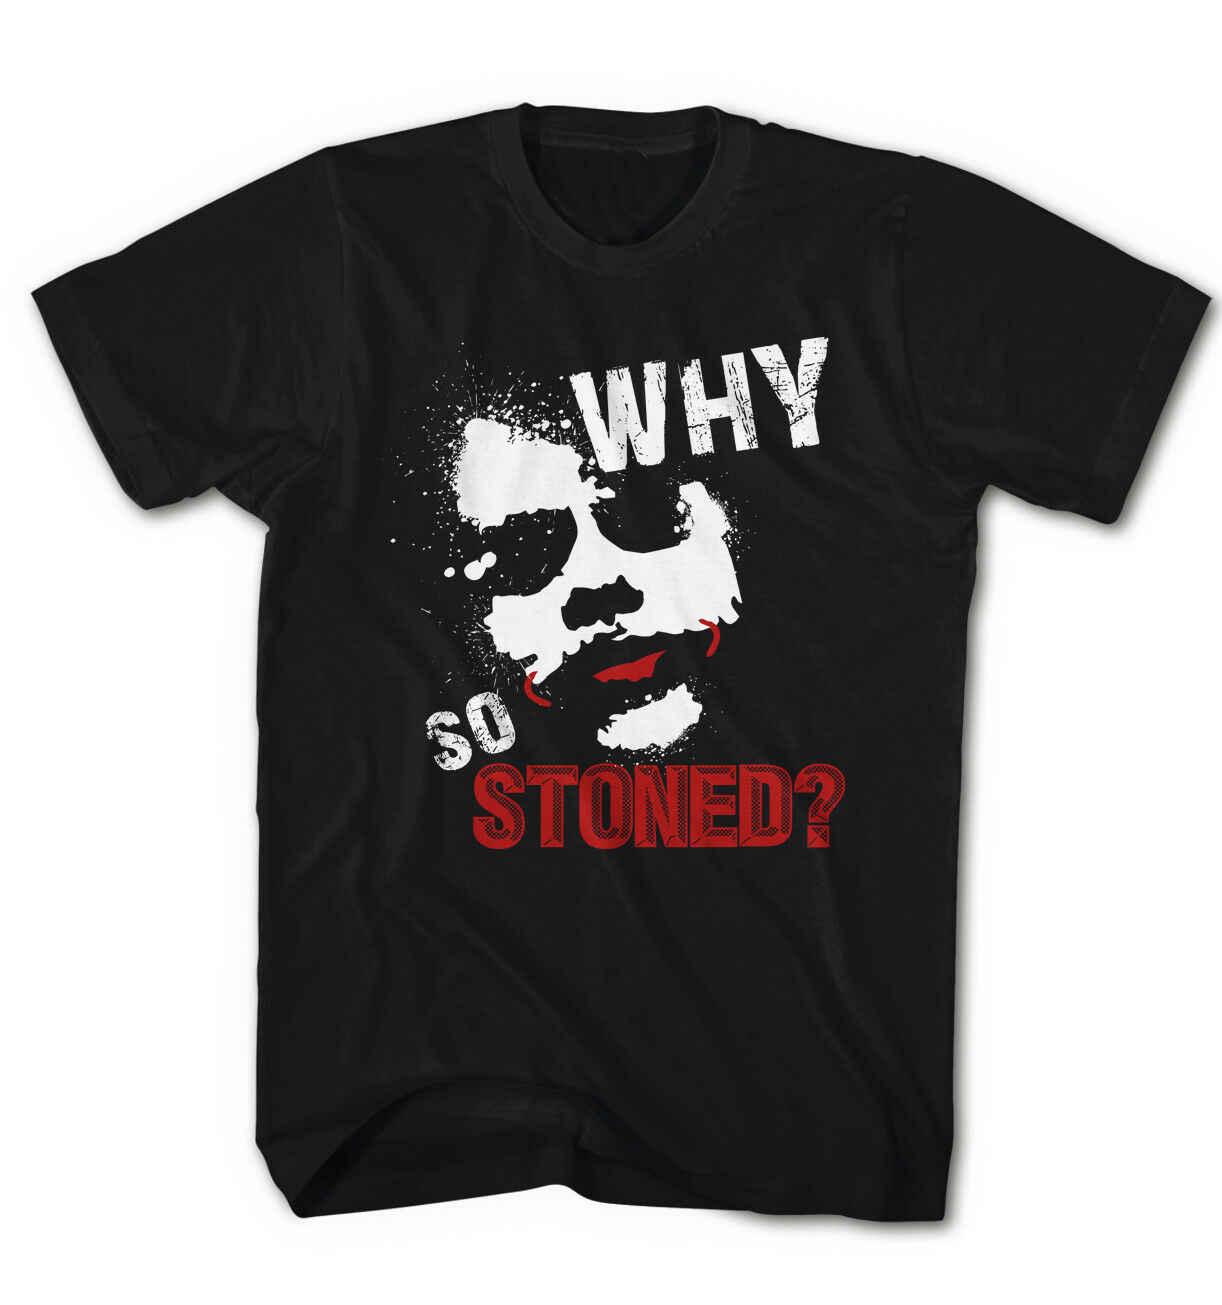 Мужская футболка, почему в качестве Утюги? Джокер Супер Бэтмен-герой Игра Новая Летняя короткая Повседневная o-образным вырезом мужские футболки